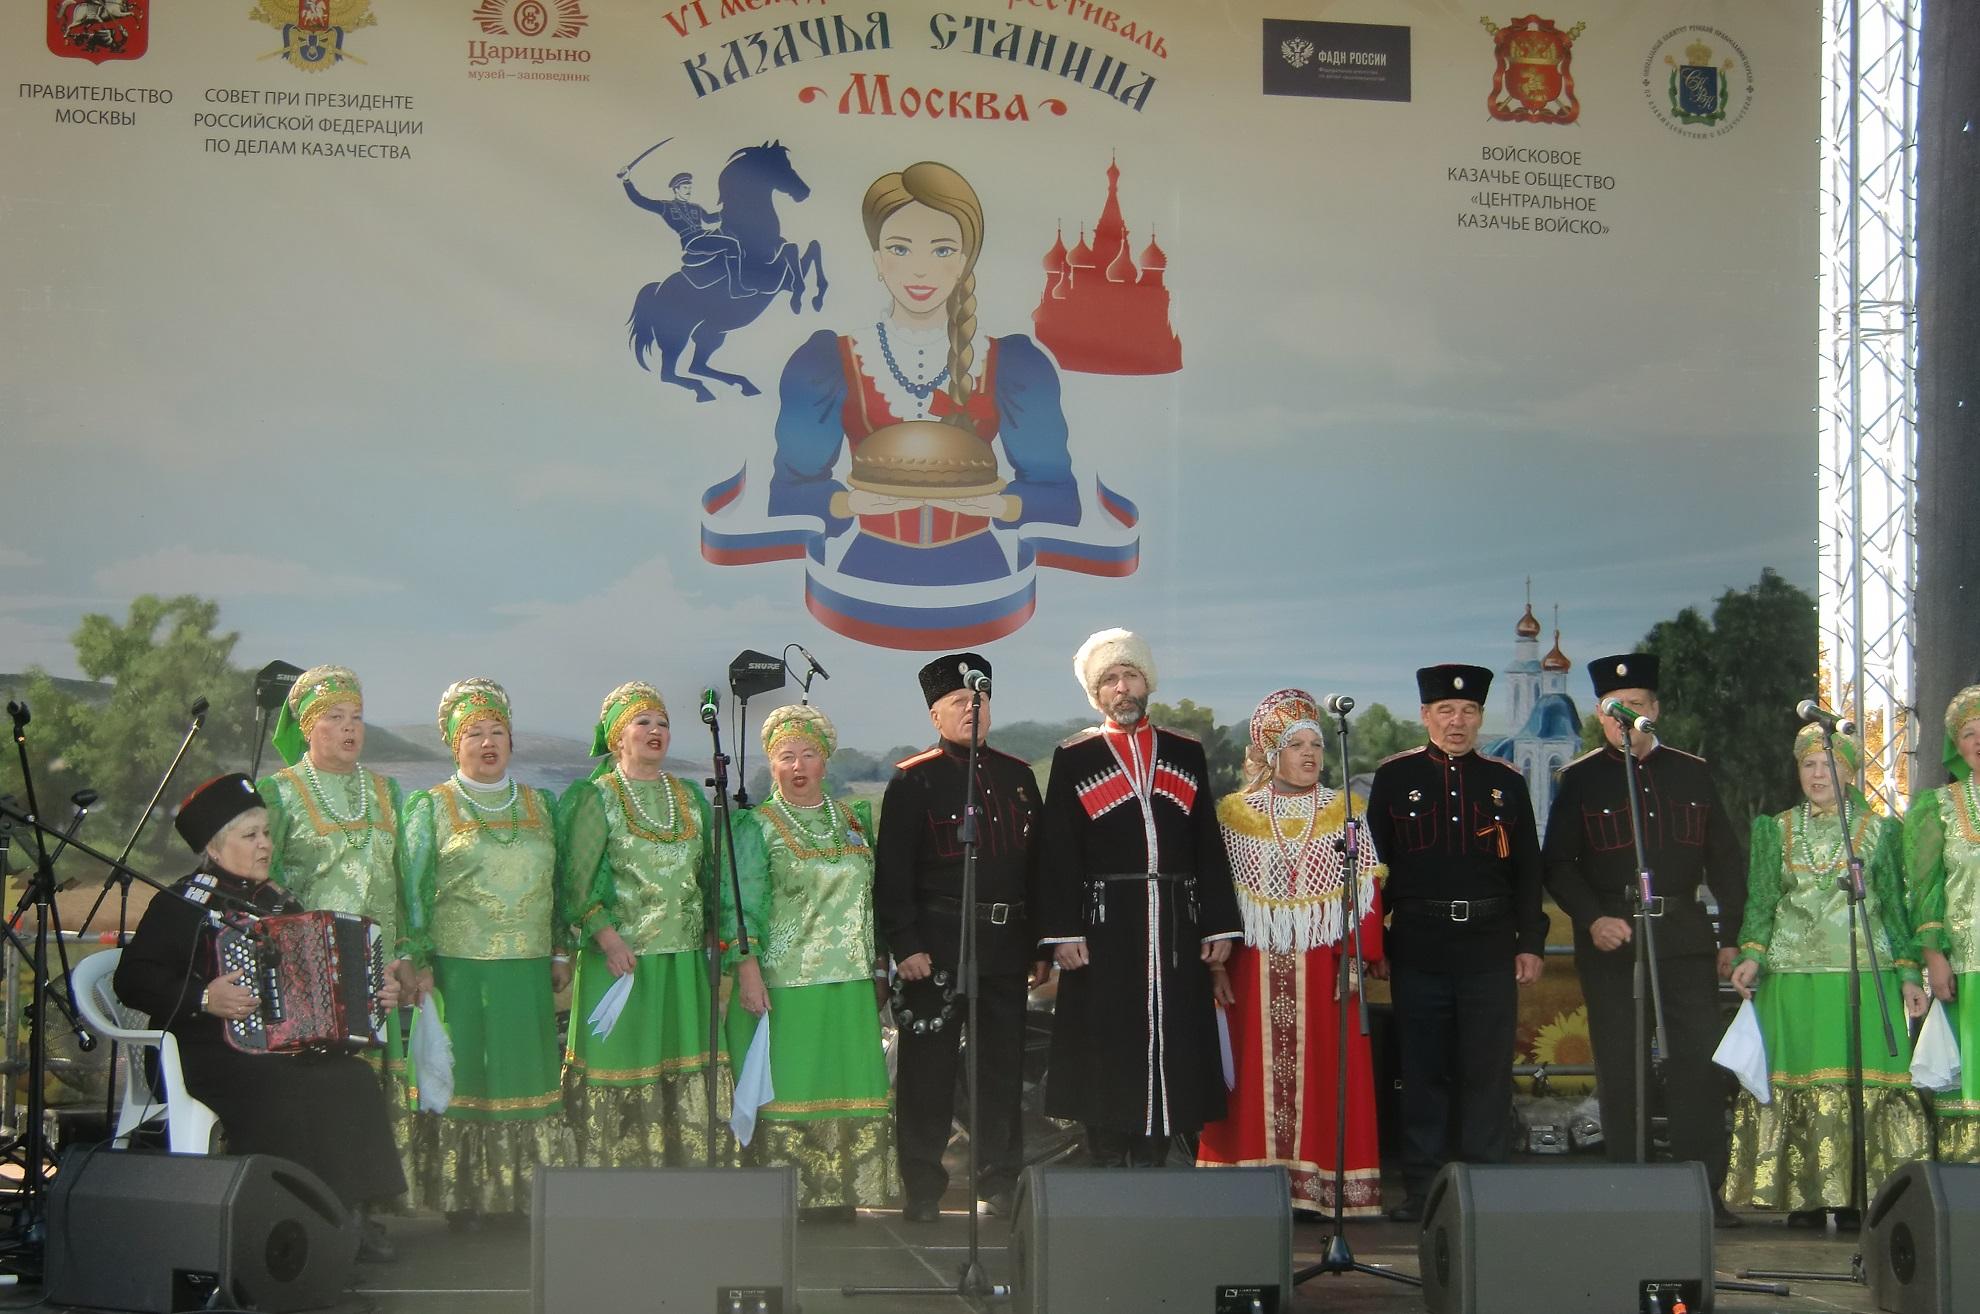 Казачья станица москва 2018 список коллективов на конкурс